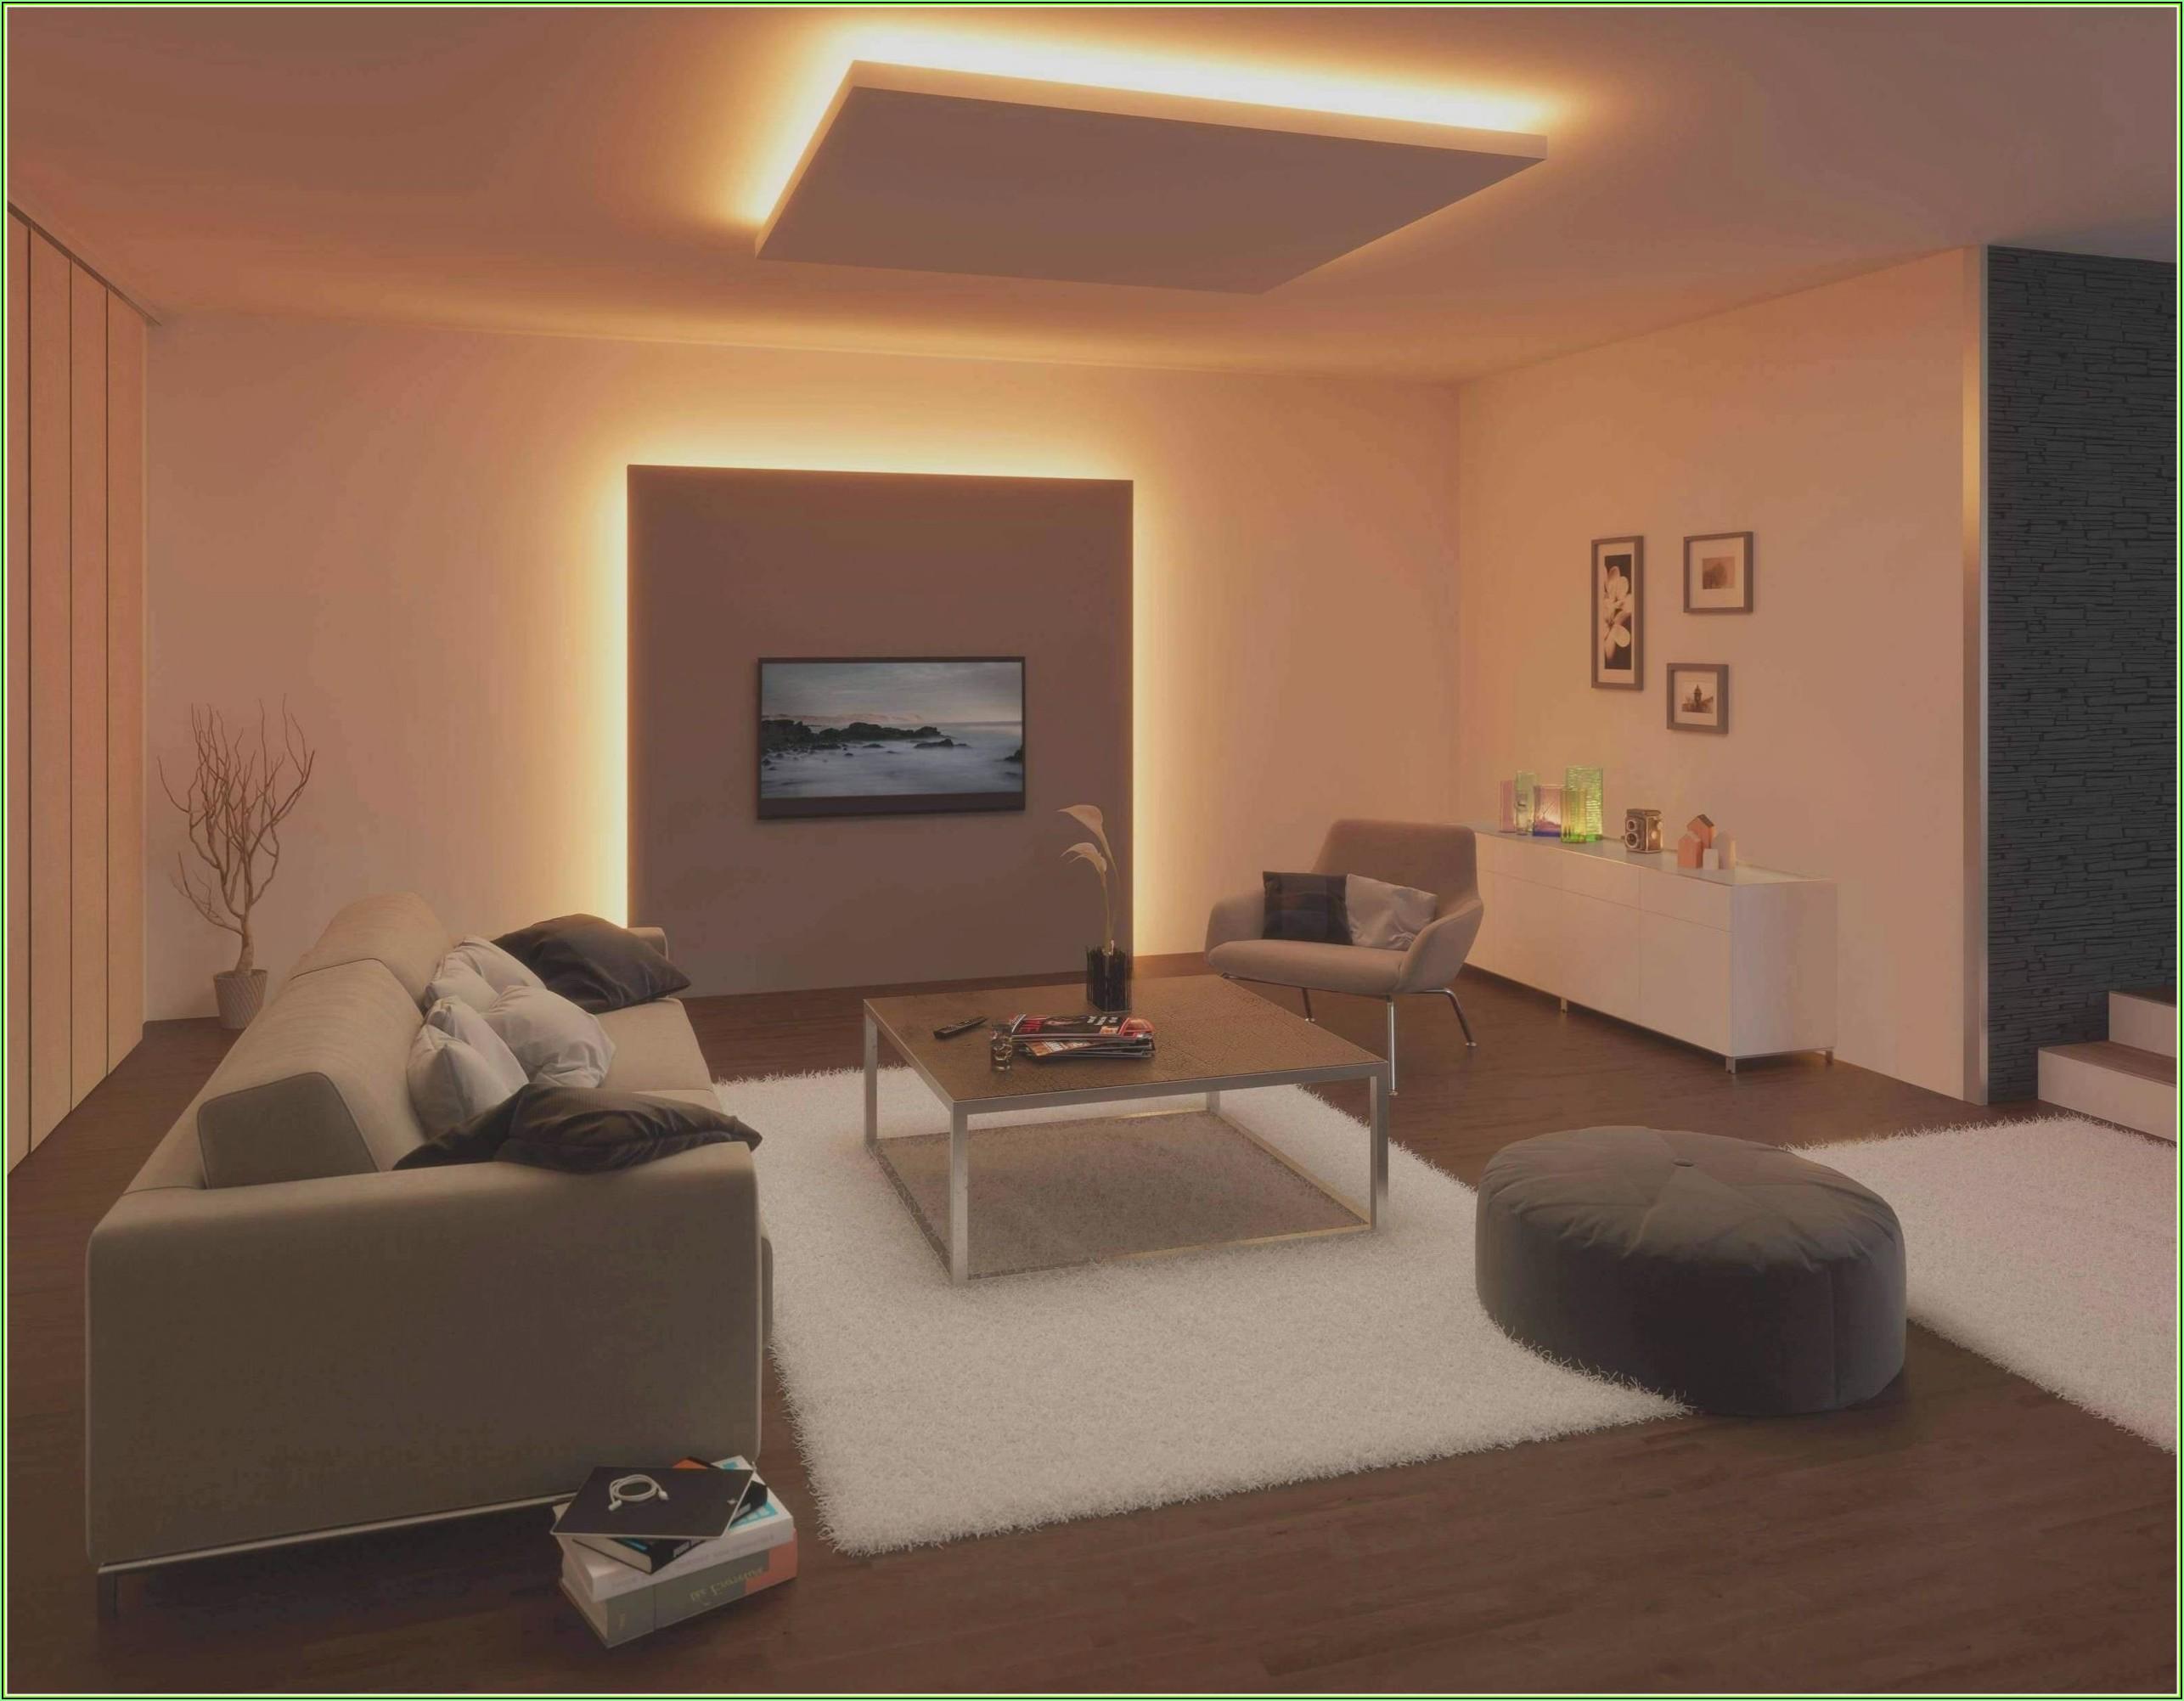 Bilder Wohnzimmer Lampen